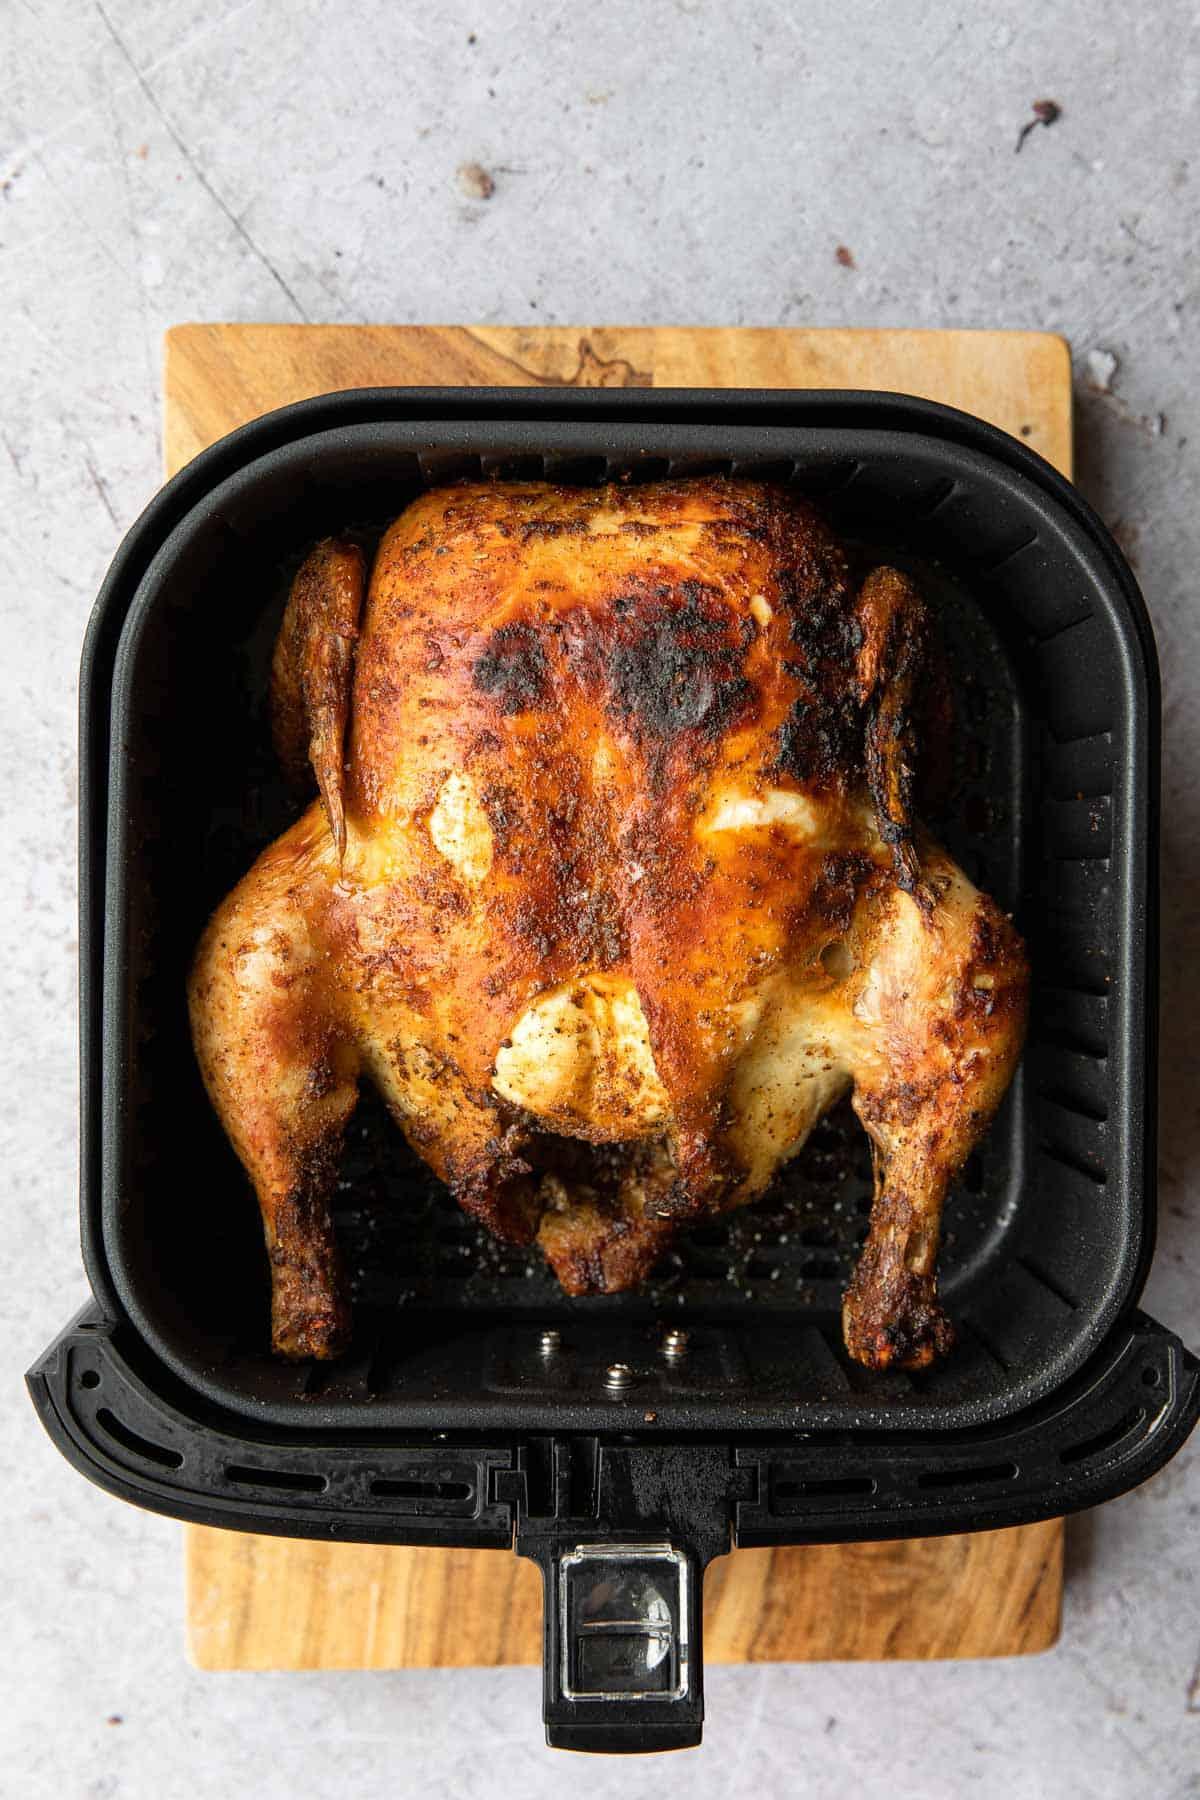 golden brown chicken in the basket